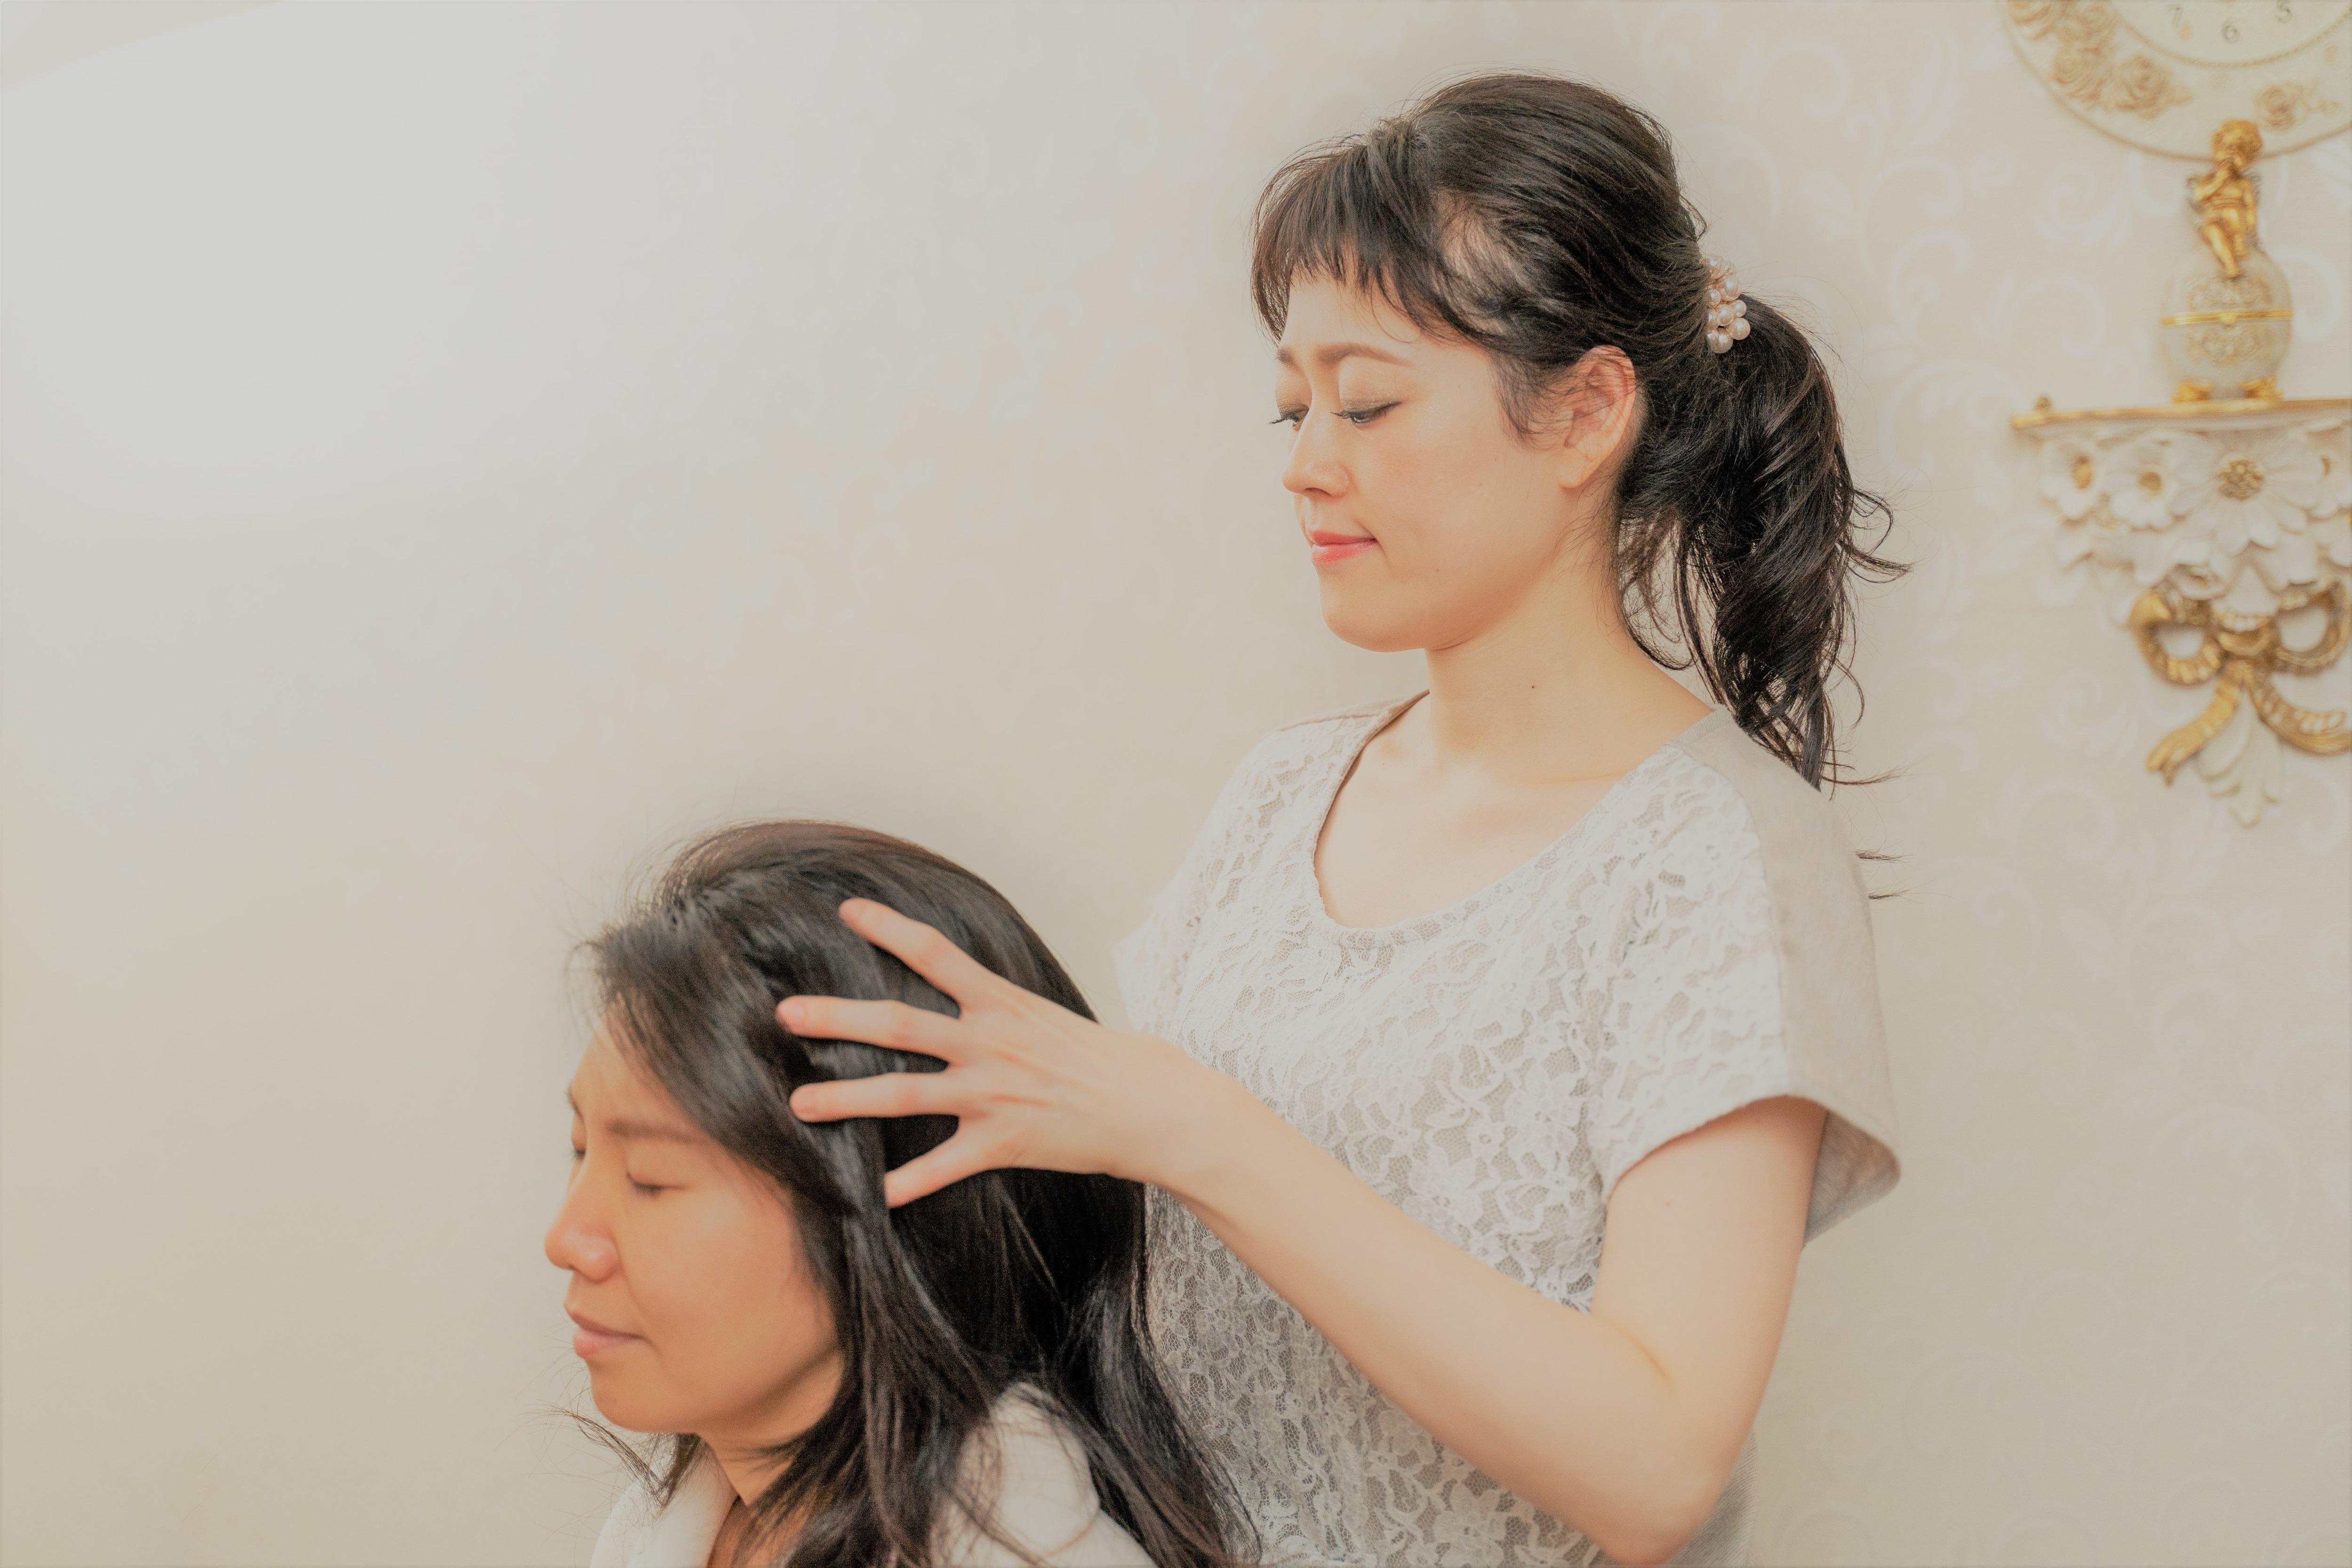 髪質改善&デトックス【ヘナトリートメント】〜セミロング(Ⅱ)〜のイメージその2